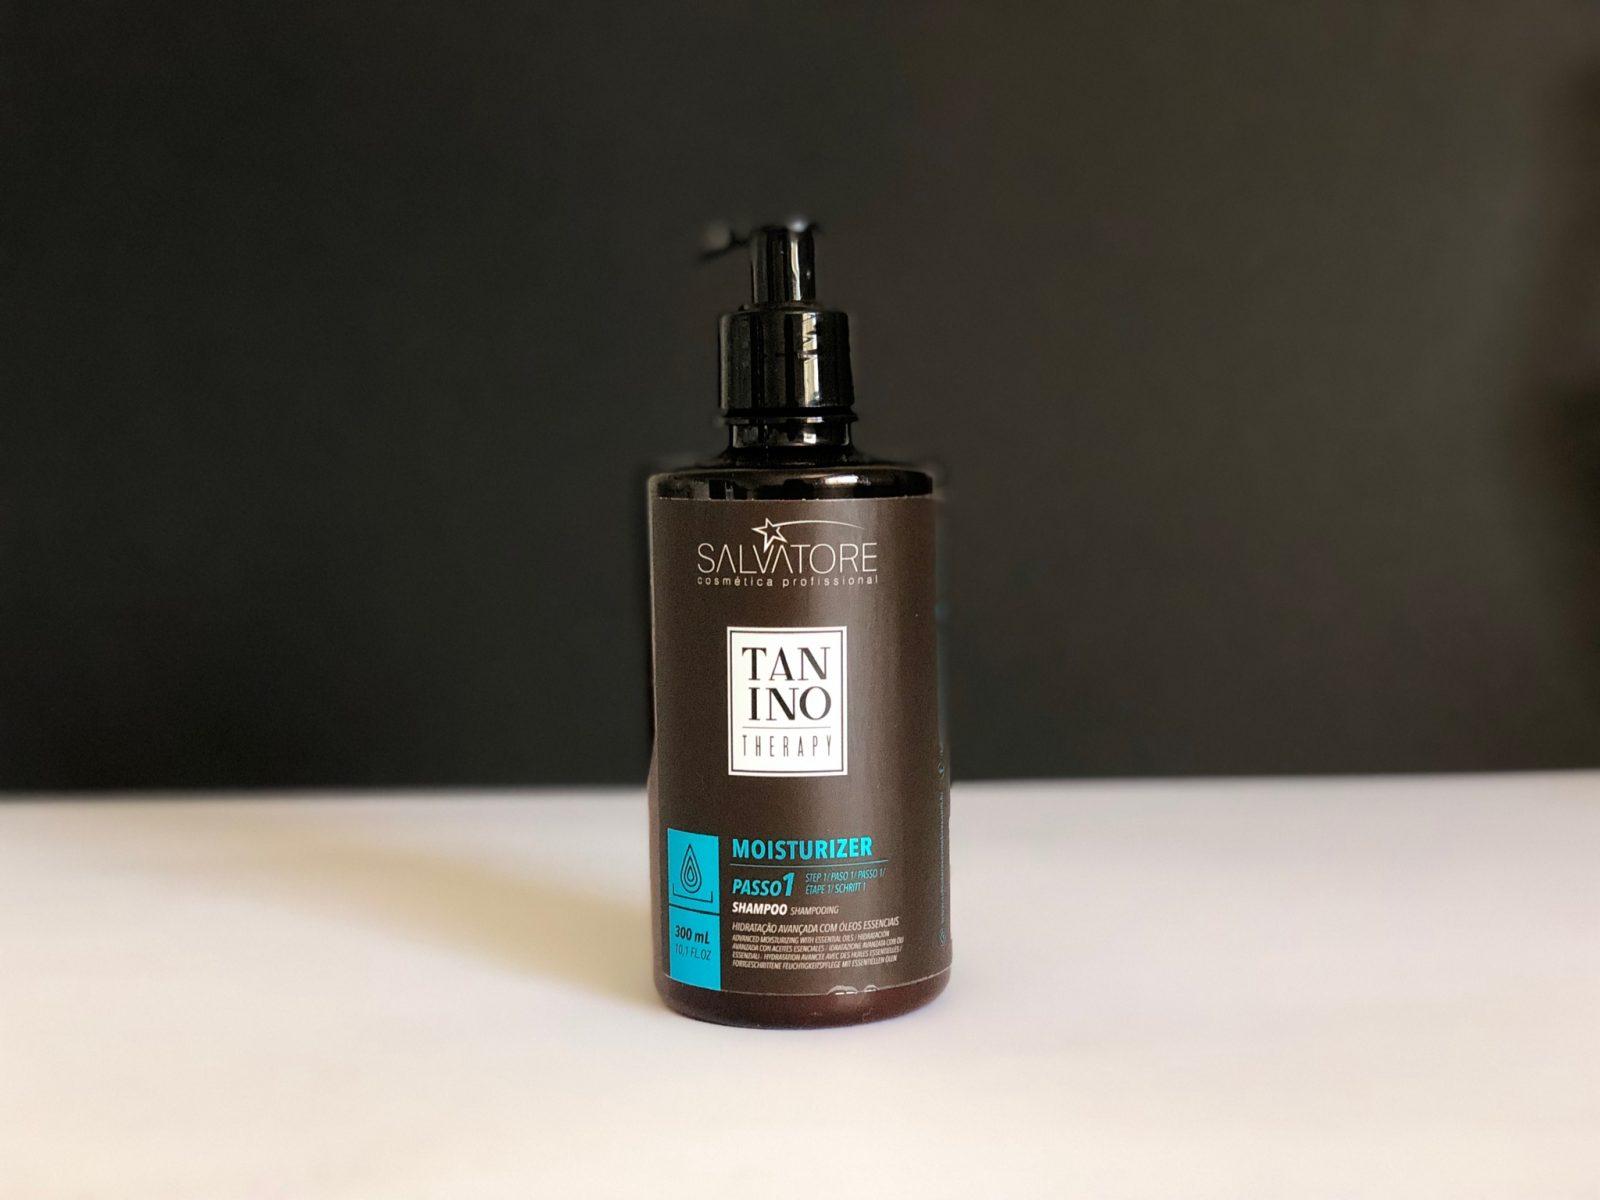 moisturizer champú tanino therapy